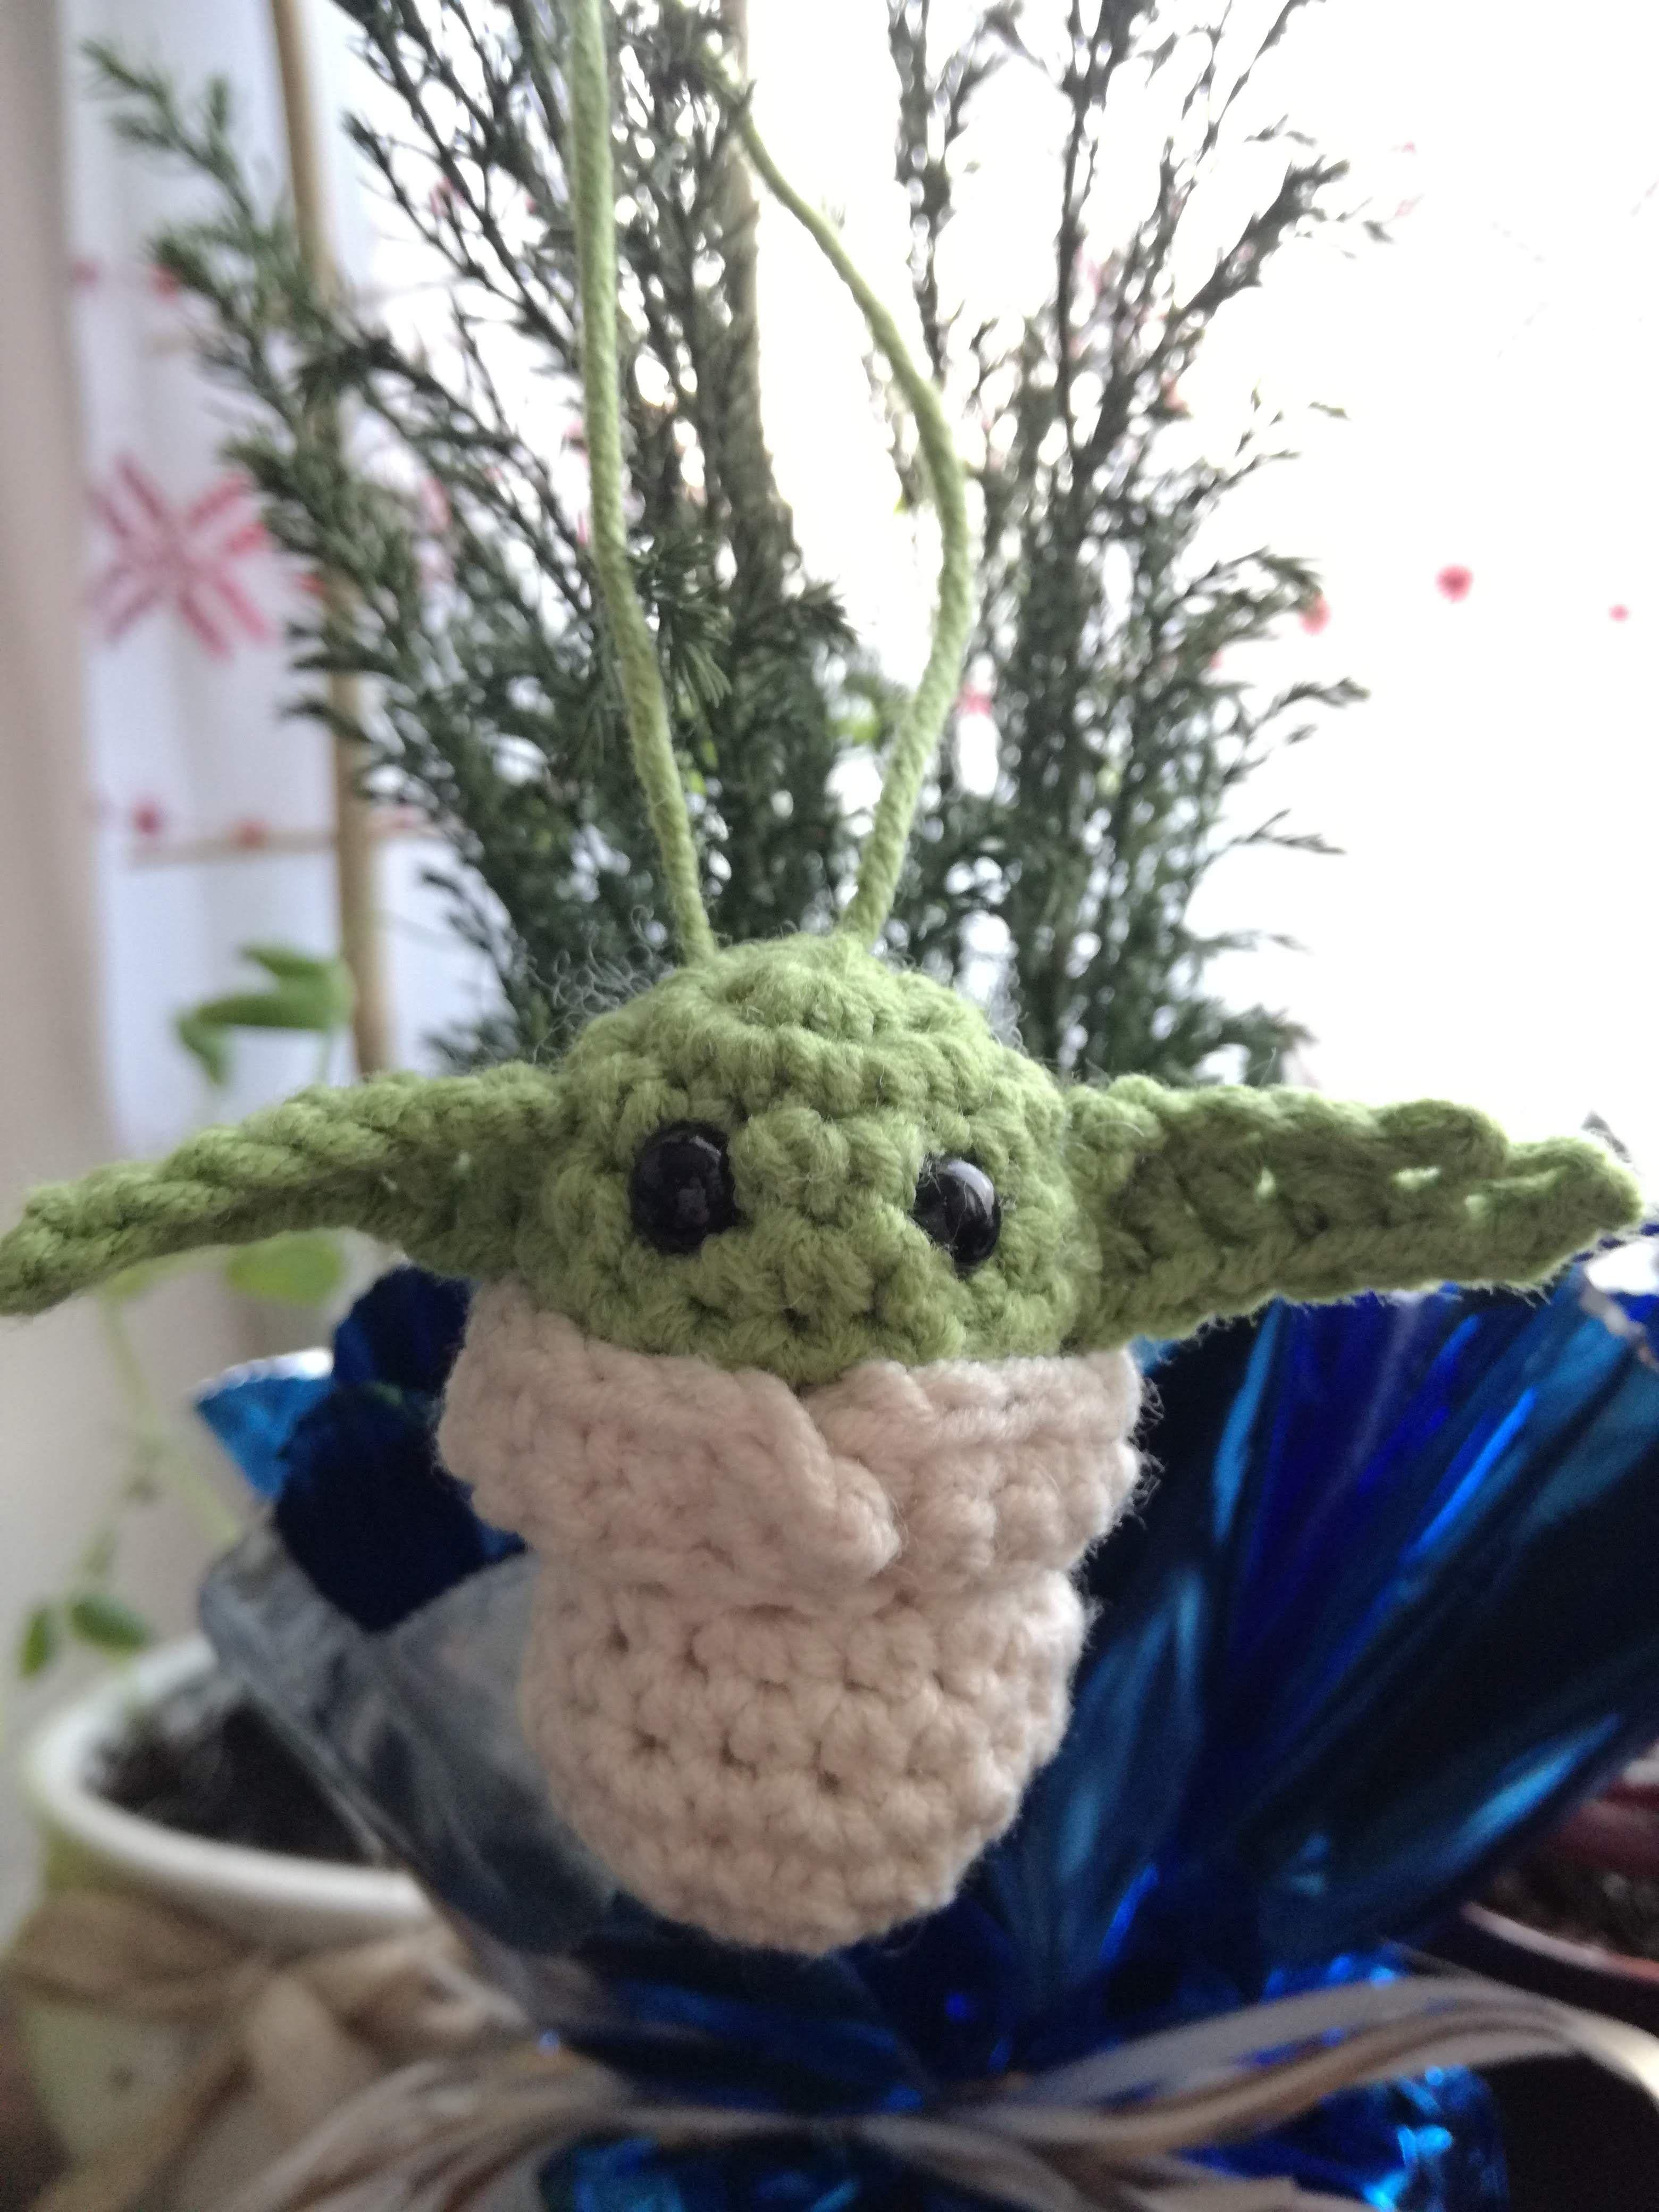 Child Baby Yoda Alien Amigurumi Keychain Ornament Pattern By Monika Branny Cute Alien Crochet Amigurumi Crochet Keychain